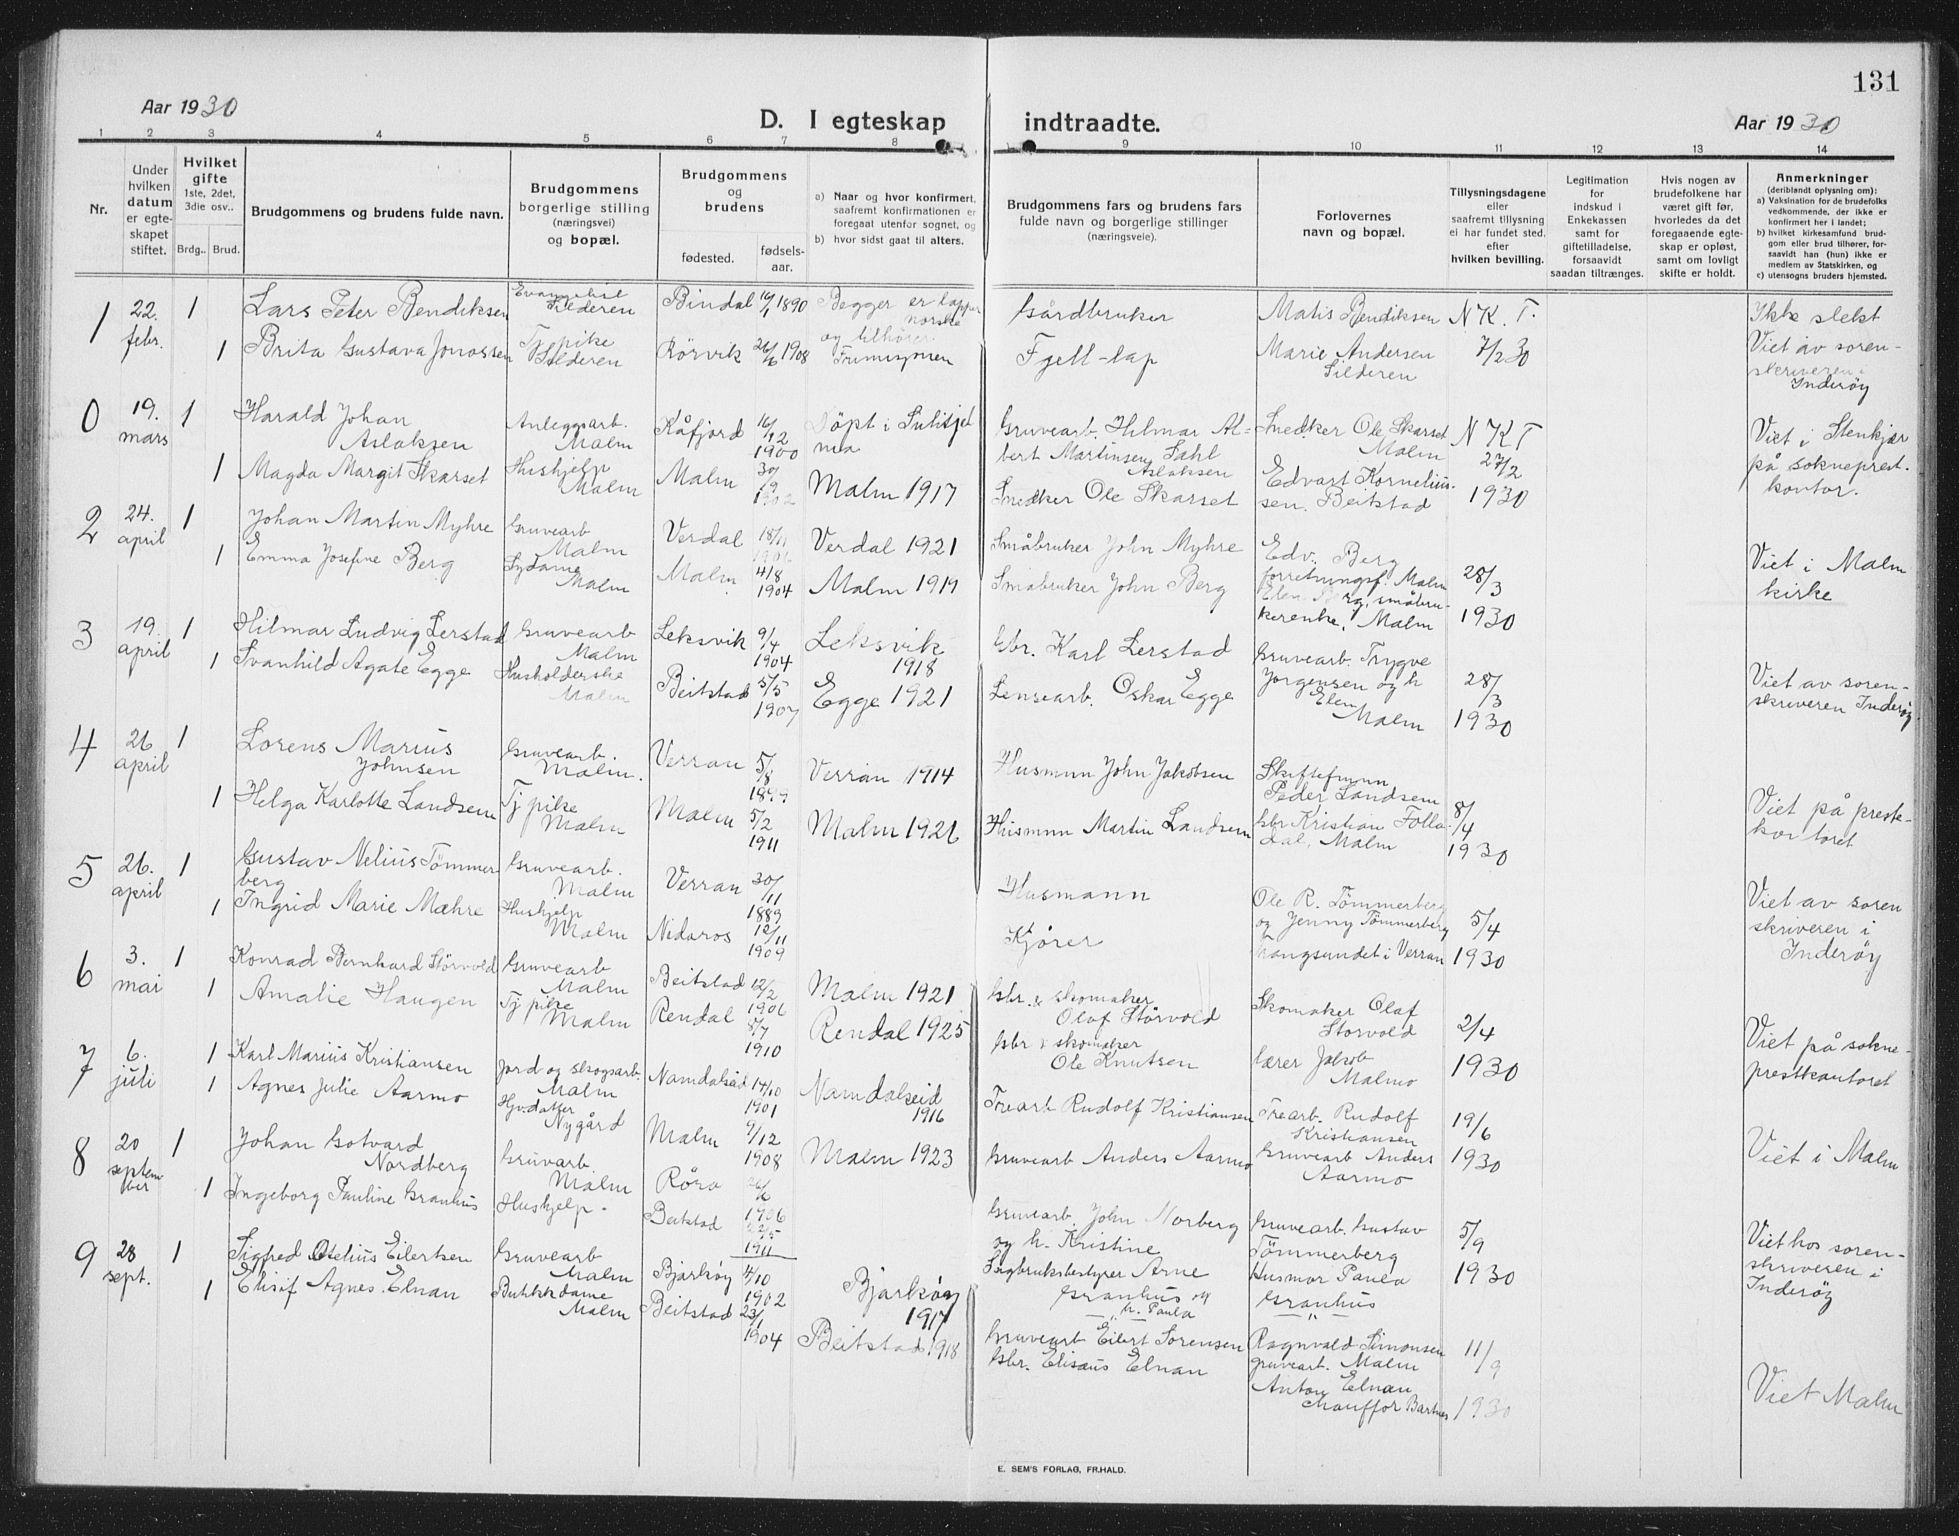 SAT, Ministerialprotokoller, klokkerbøker og fødselsregistre - Nord-Trøndelag, 745/L0434: Klokkerbok nr. 745C03, 1914-1937, s. 131